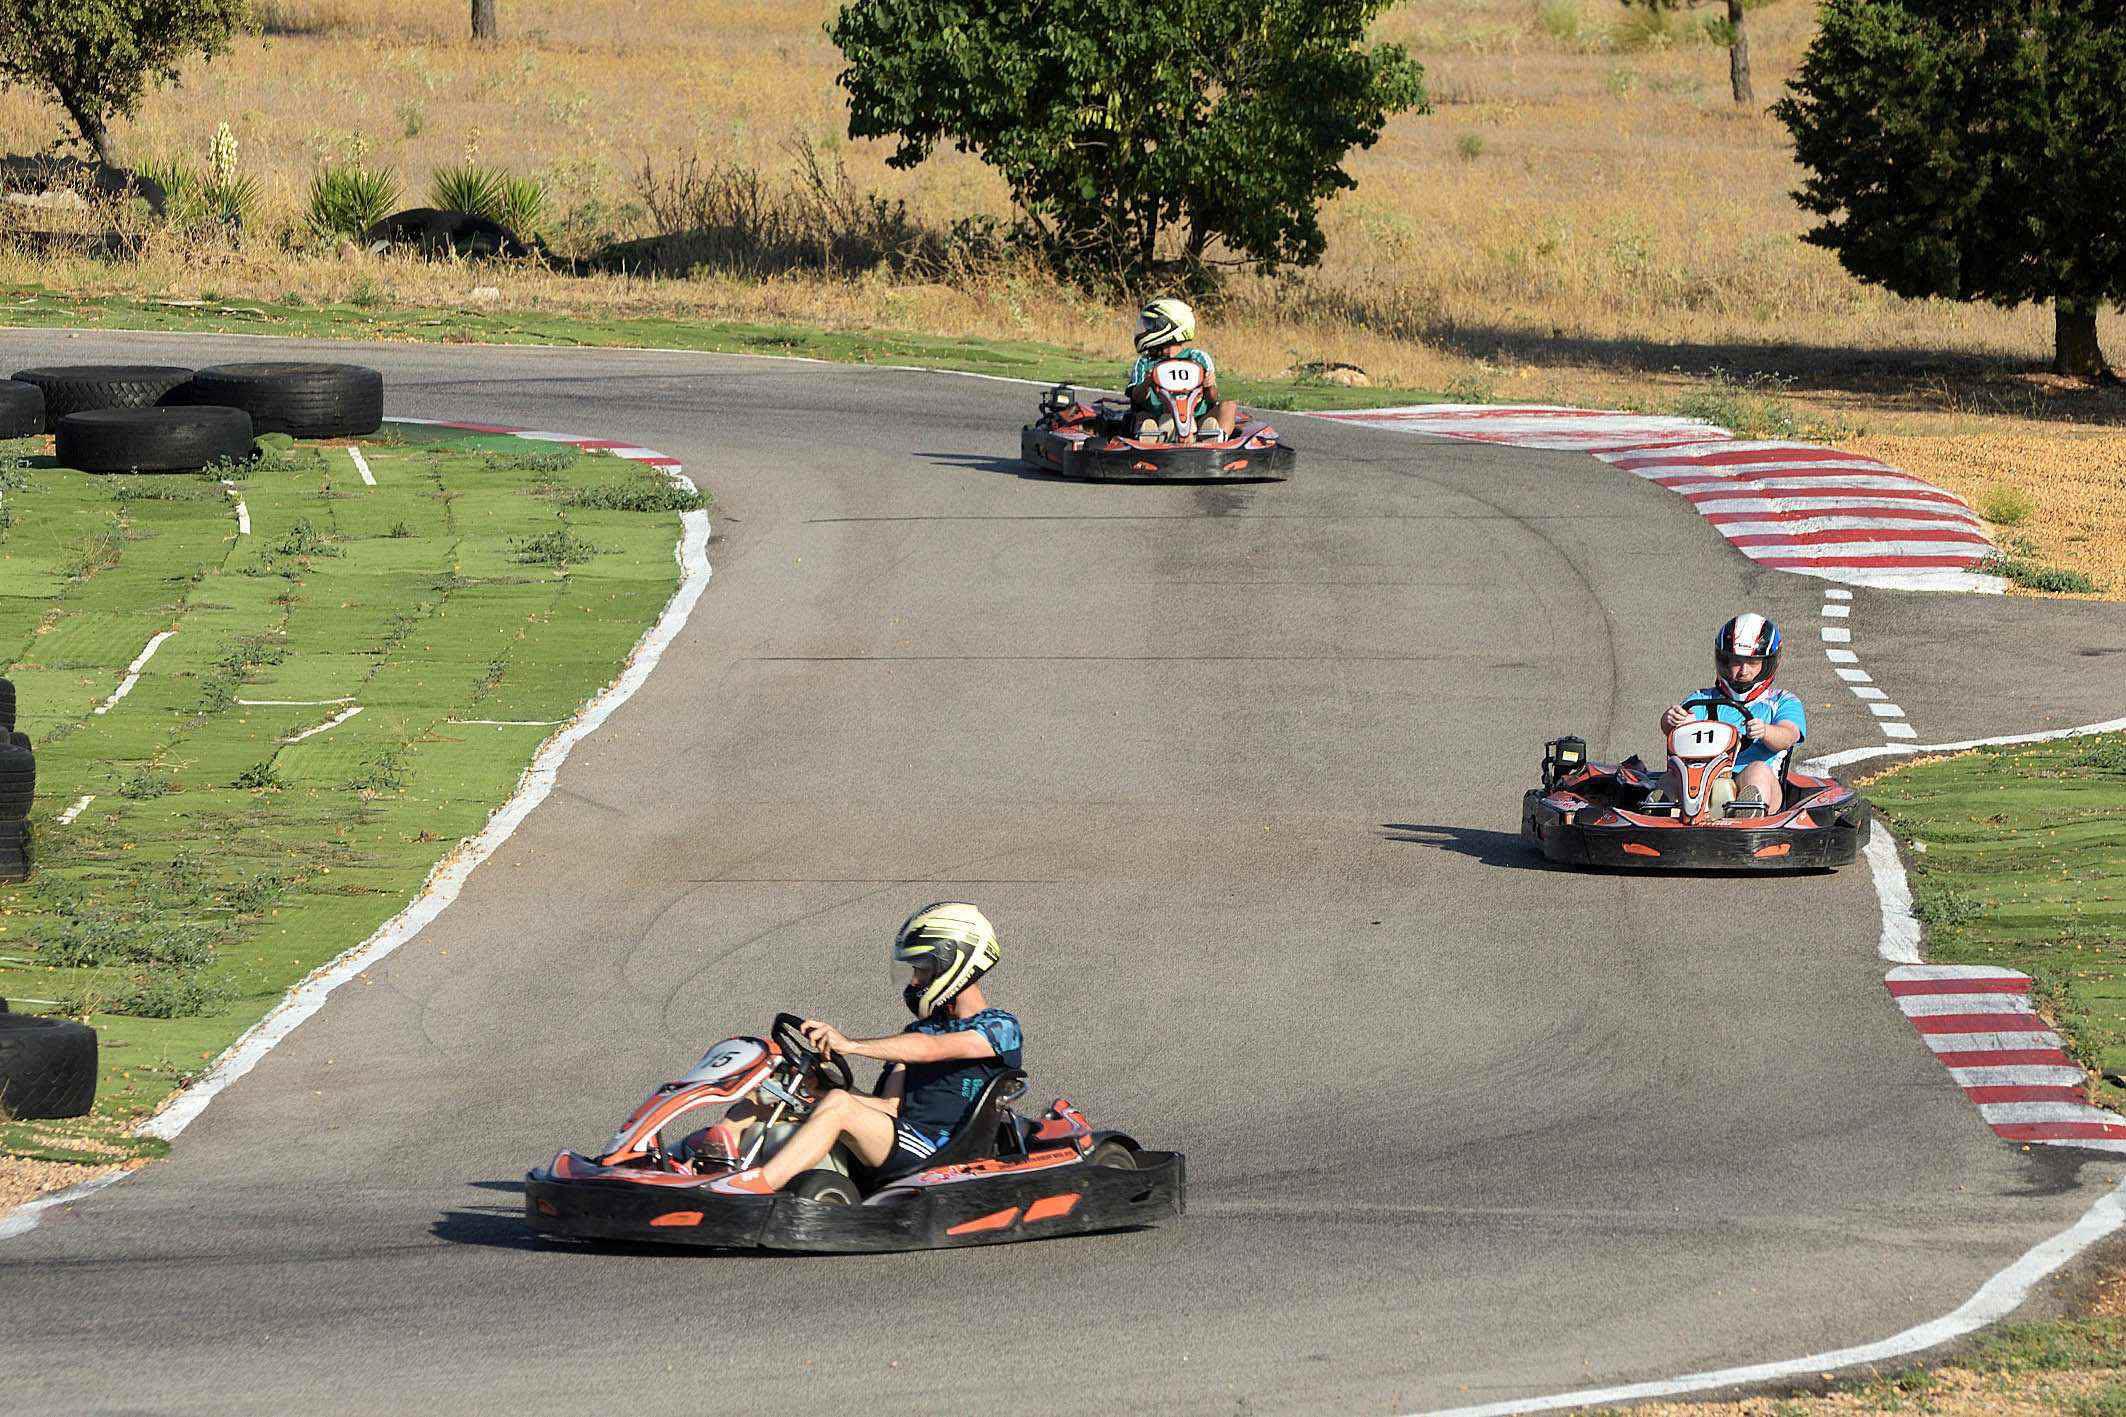 Adrenalina a todo gas en el circuito de karts con la Concejalía de Juventud